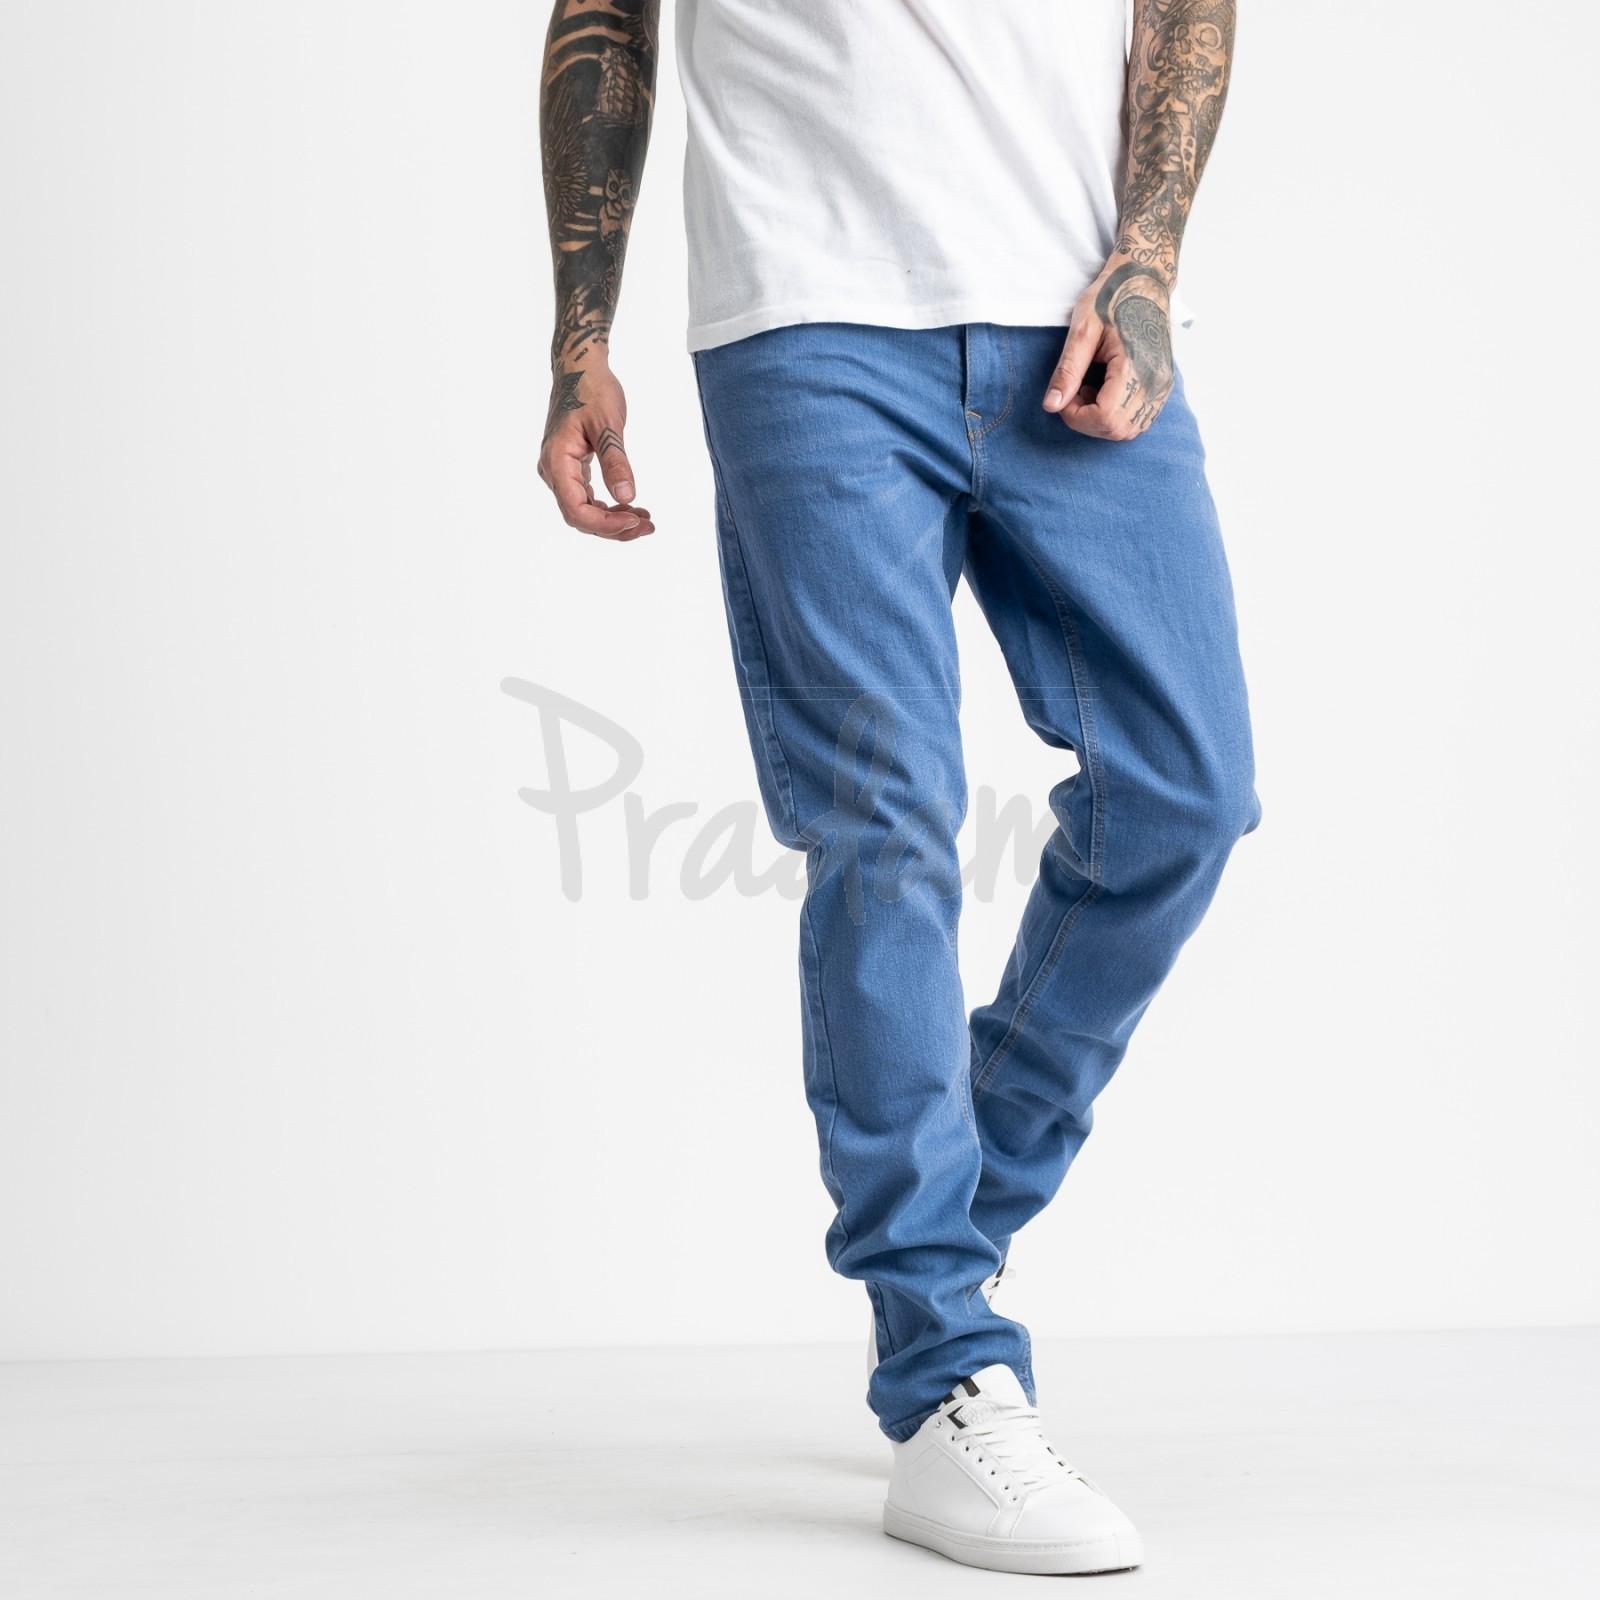 1932 Nescoly джинсы мужские голубые стрейчевые (8 ед. размеры: 30.32.34/2.36/2.38.40)